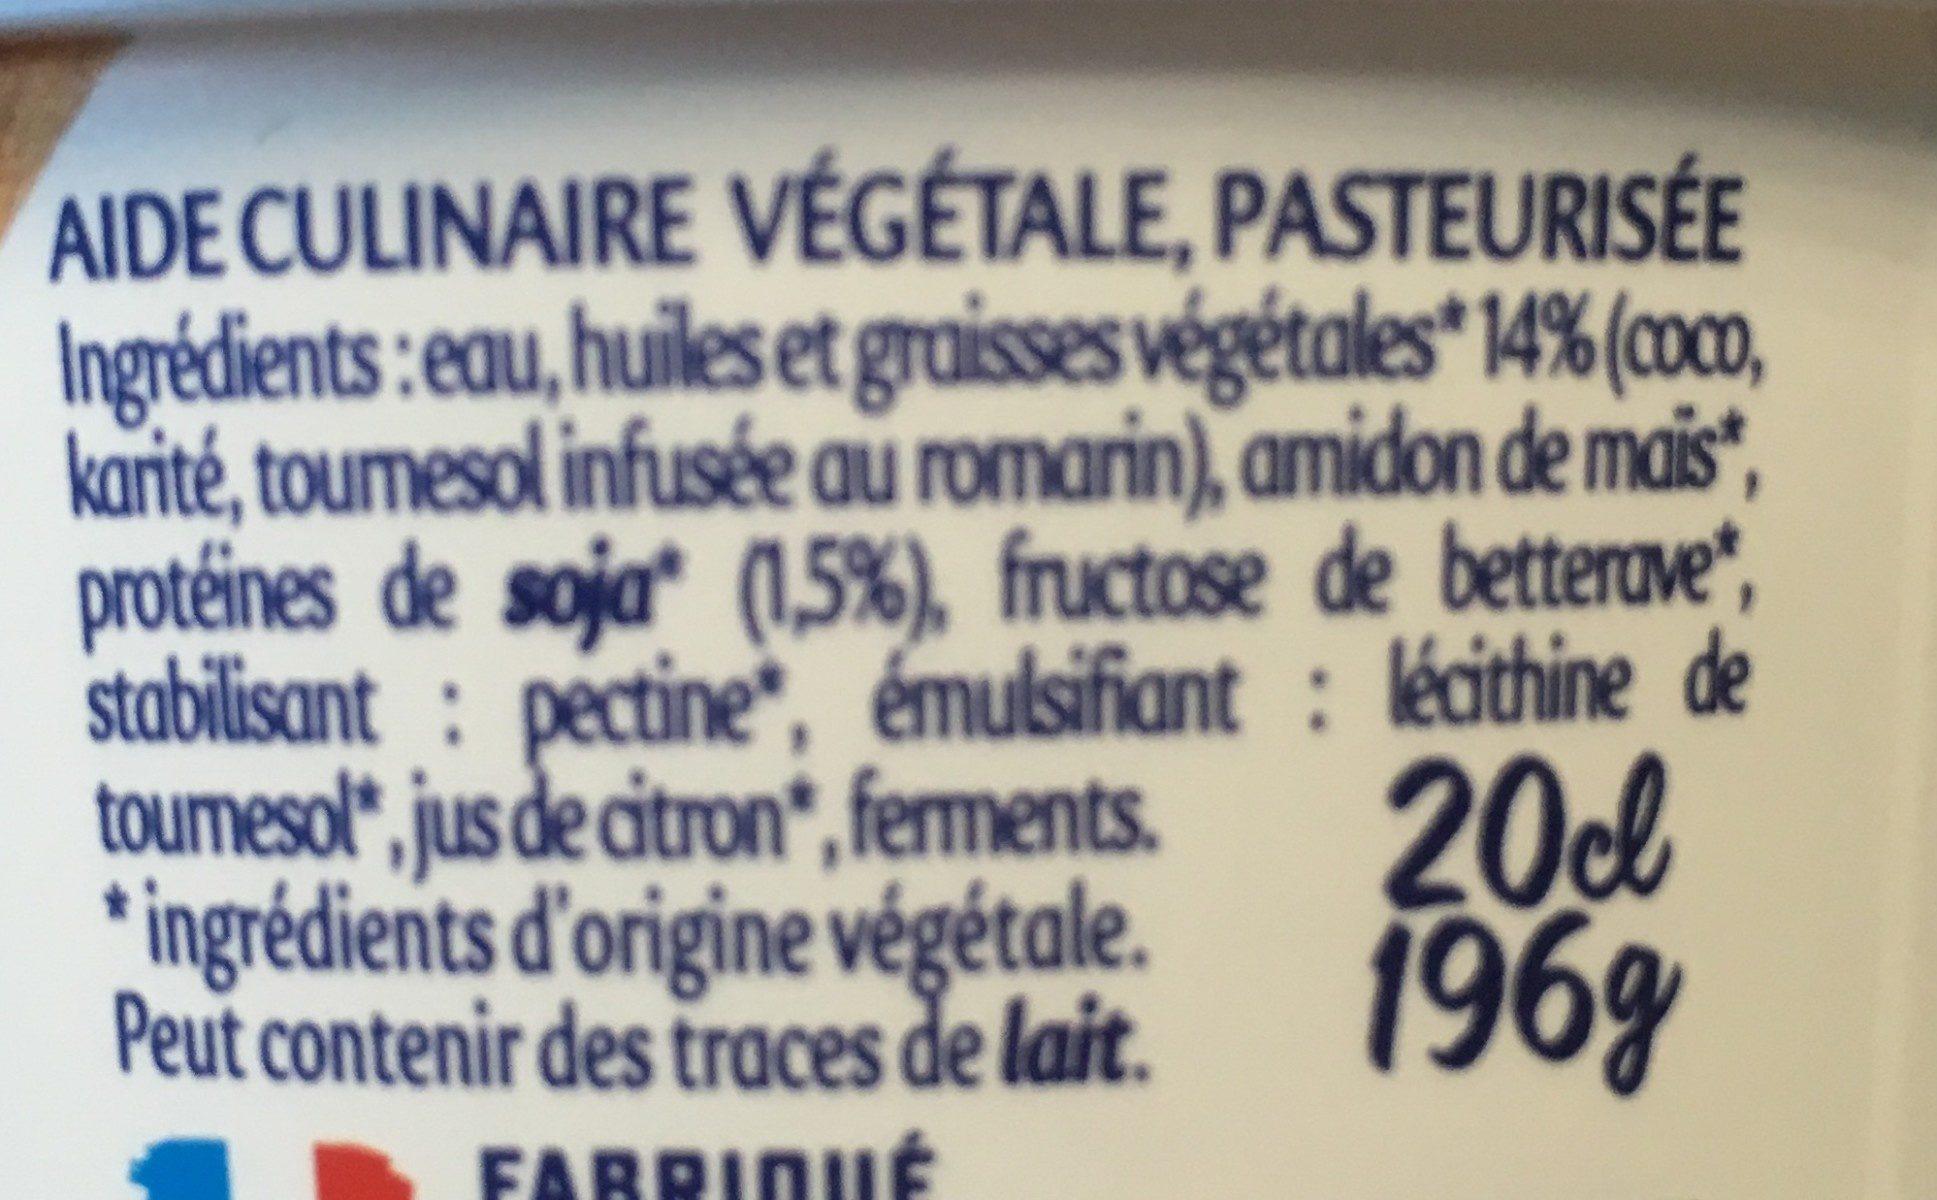 Aide culinaire végétale - Ingrédients - fr